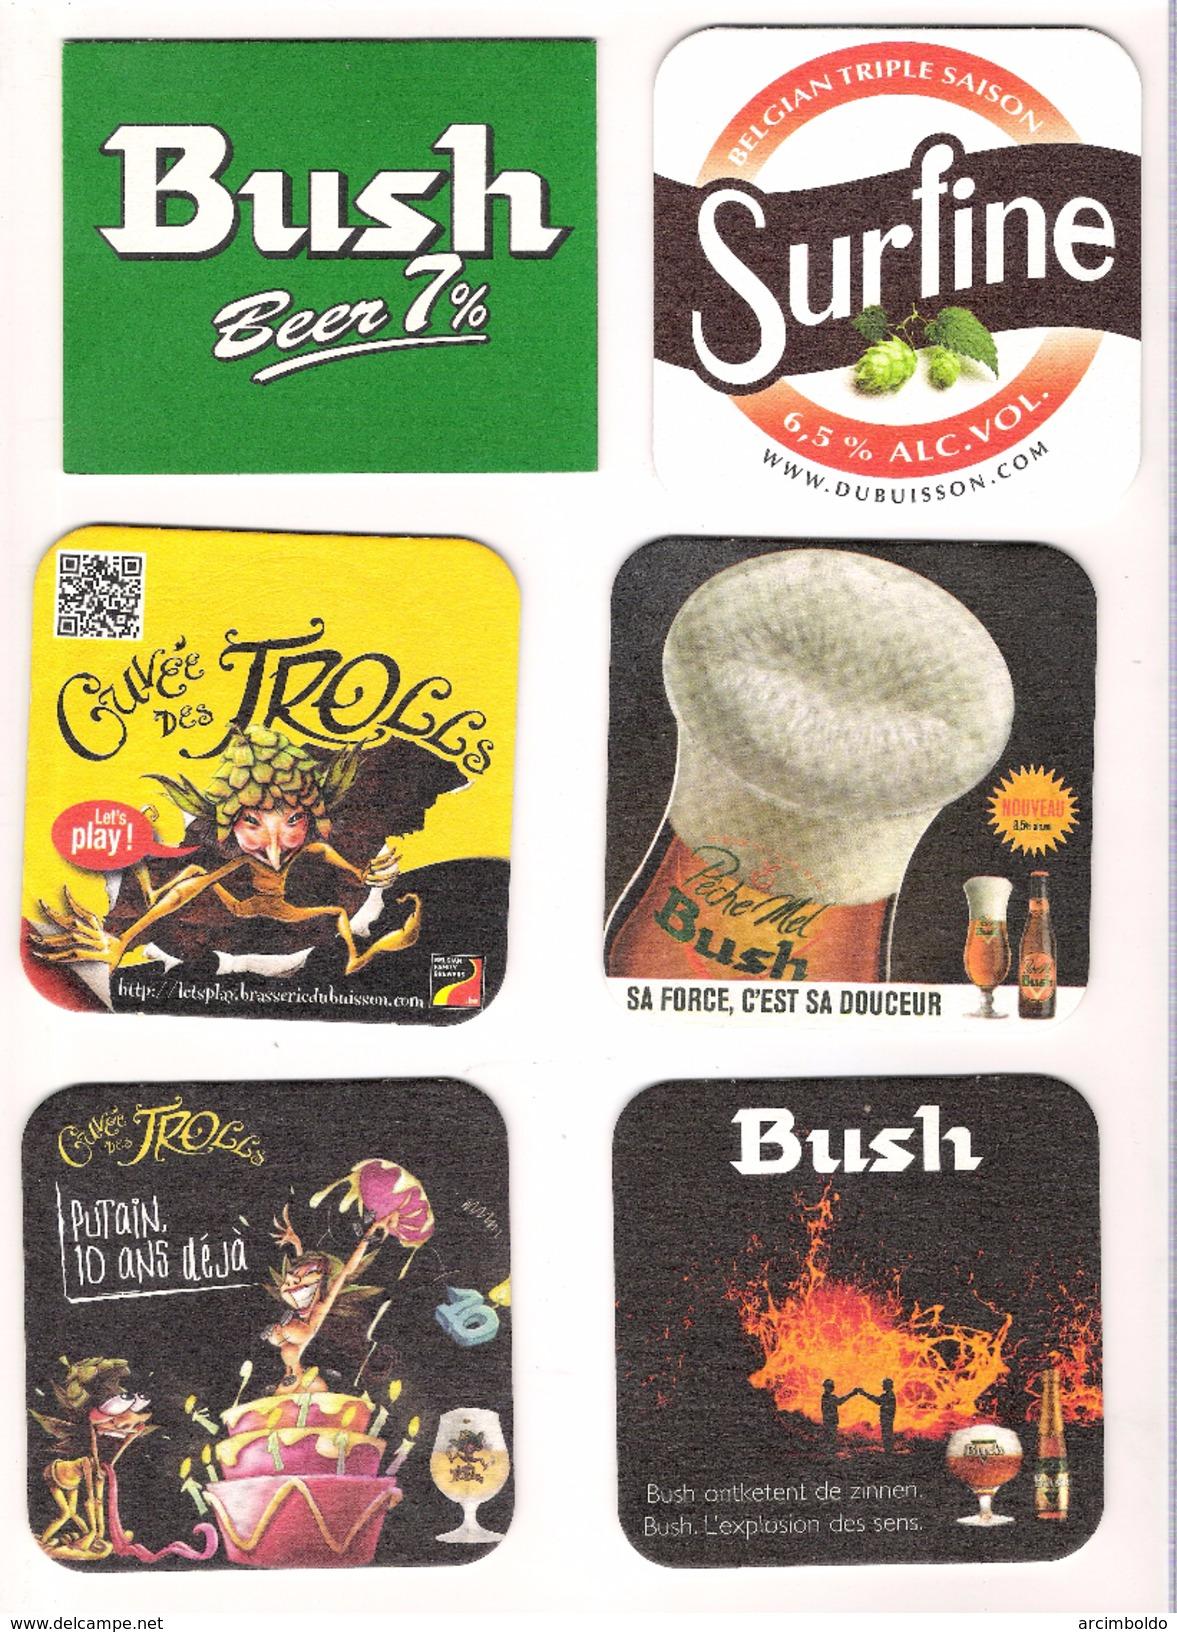 Lot De 16 Sous-bocks Dubuisson - Tous Différents (Bush Noël, Blonde, Pêche Mel, 7%, Surfine, Cuvée Des Trolls, Ambrée) - Sous-bocks